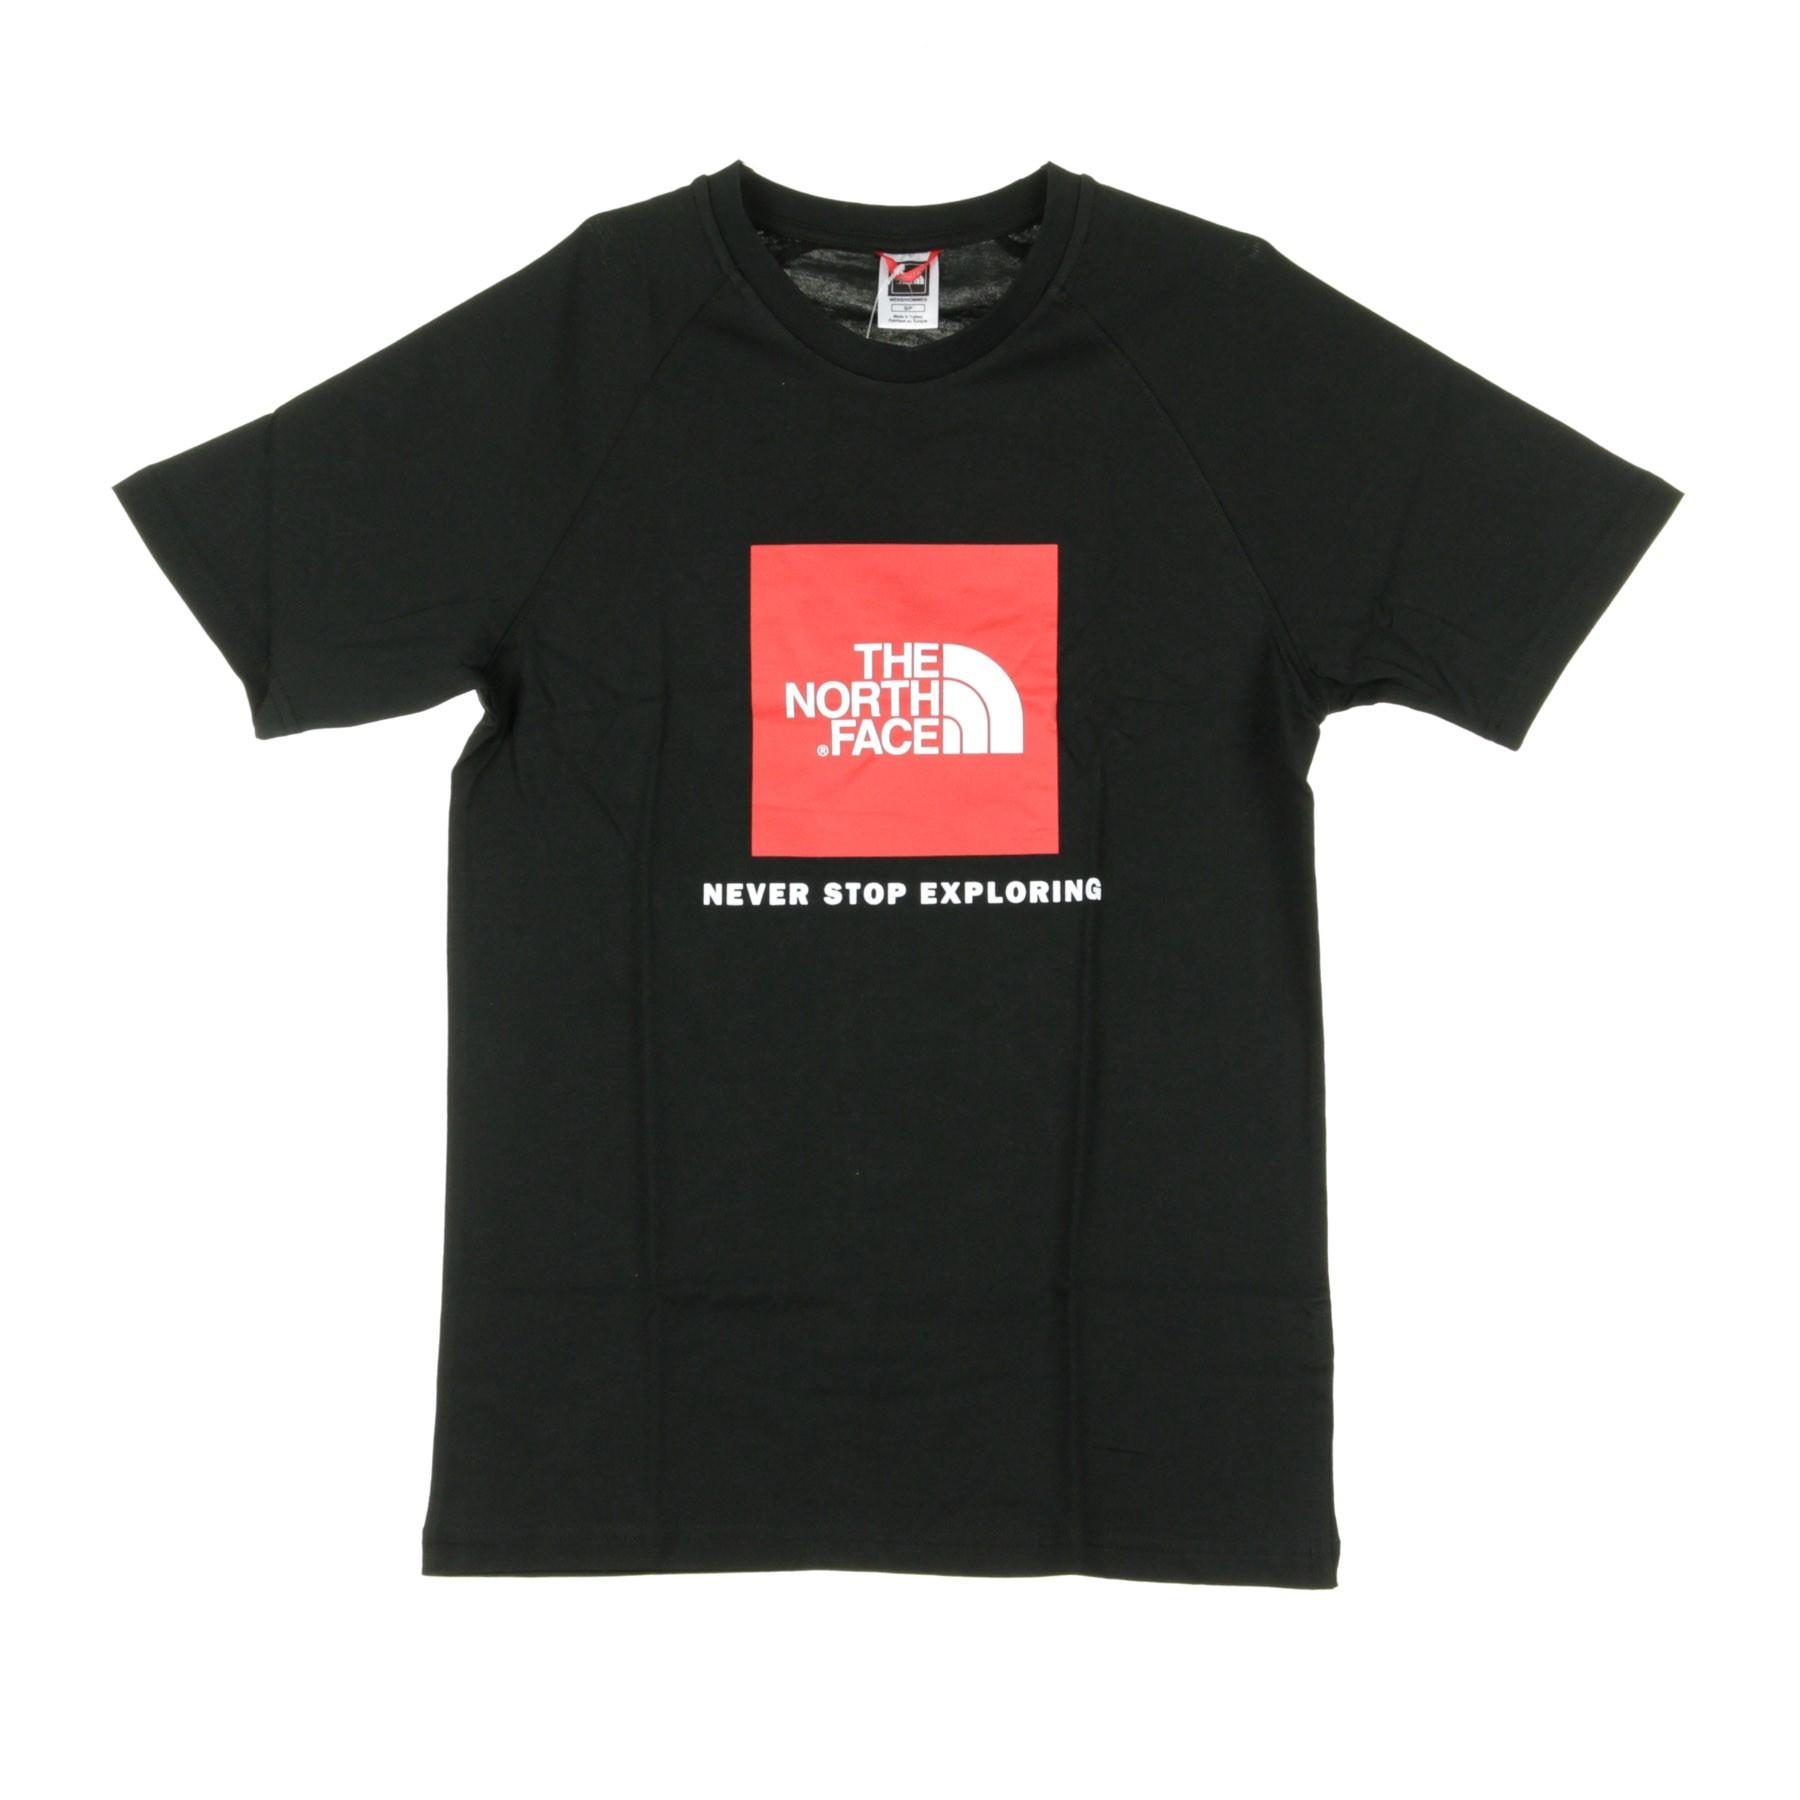 Tee Black Maglietta Red Rag Box 0wX8nNPZOk